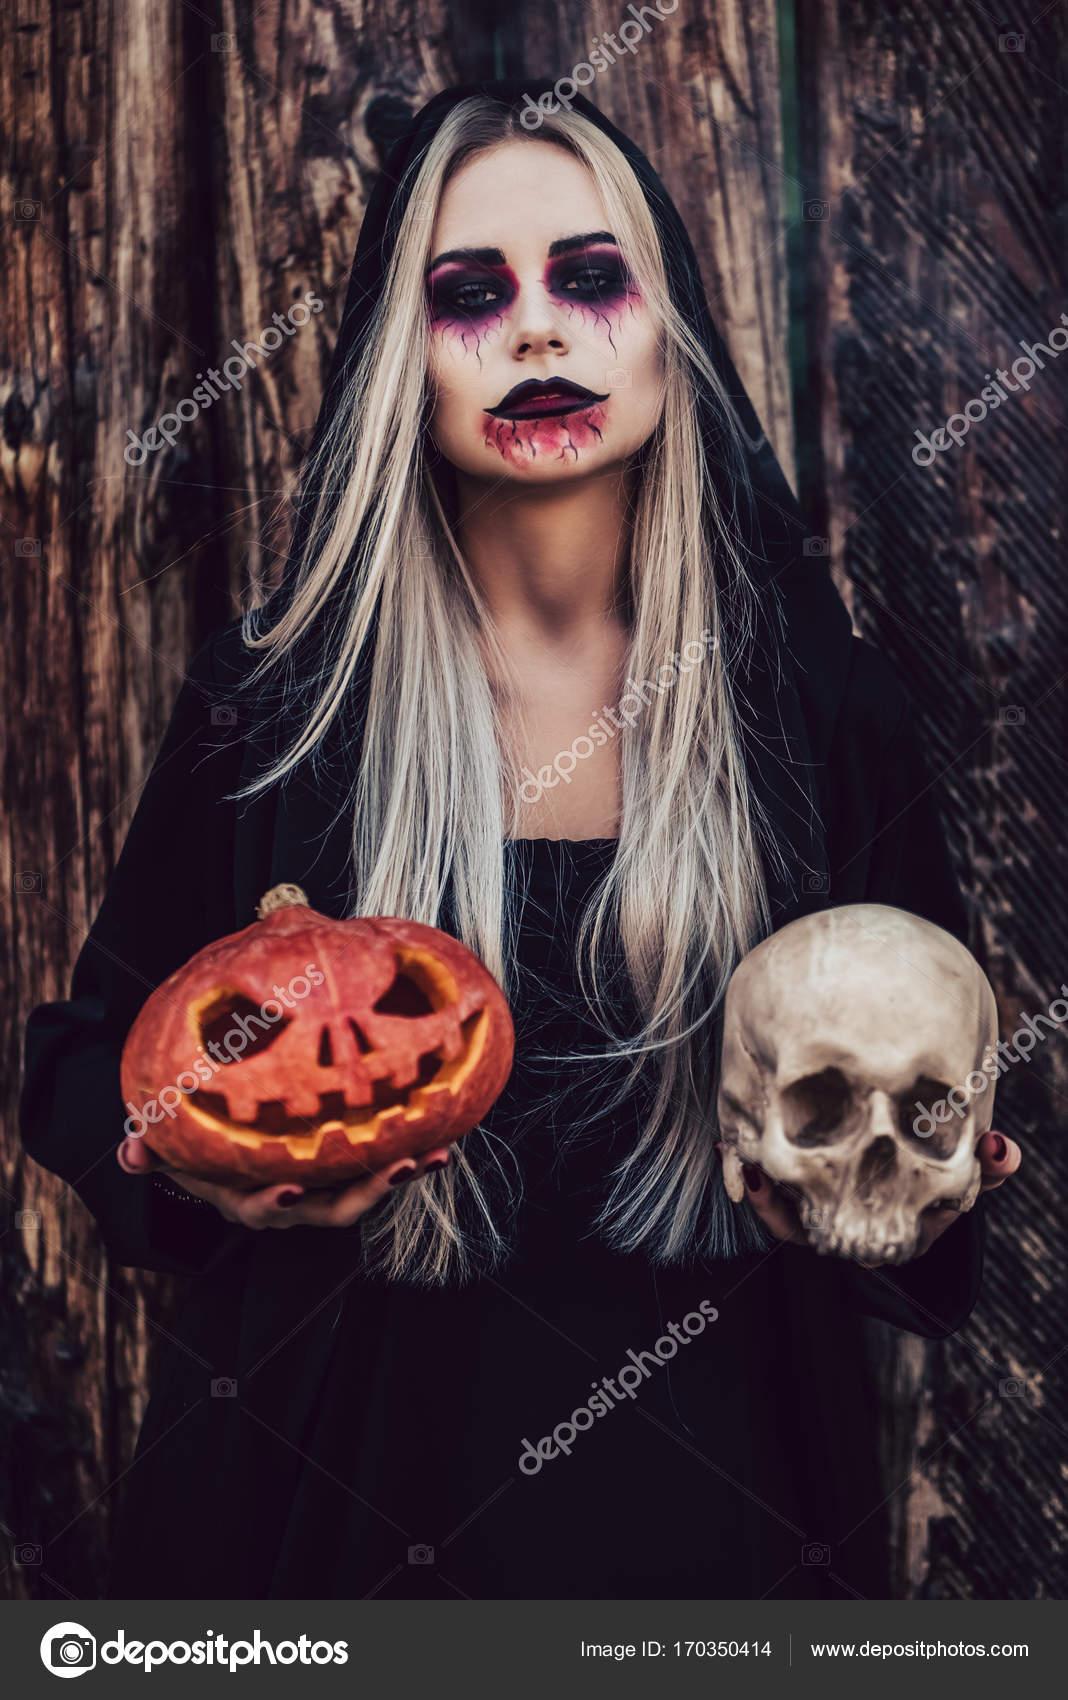 Bruxa De Halloween Preto Stock Photo 4pmphoto At Gmailcom 170350414